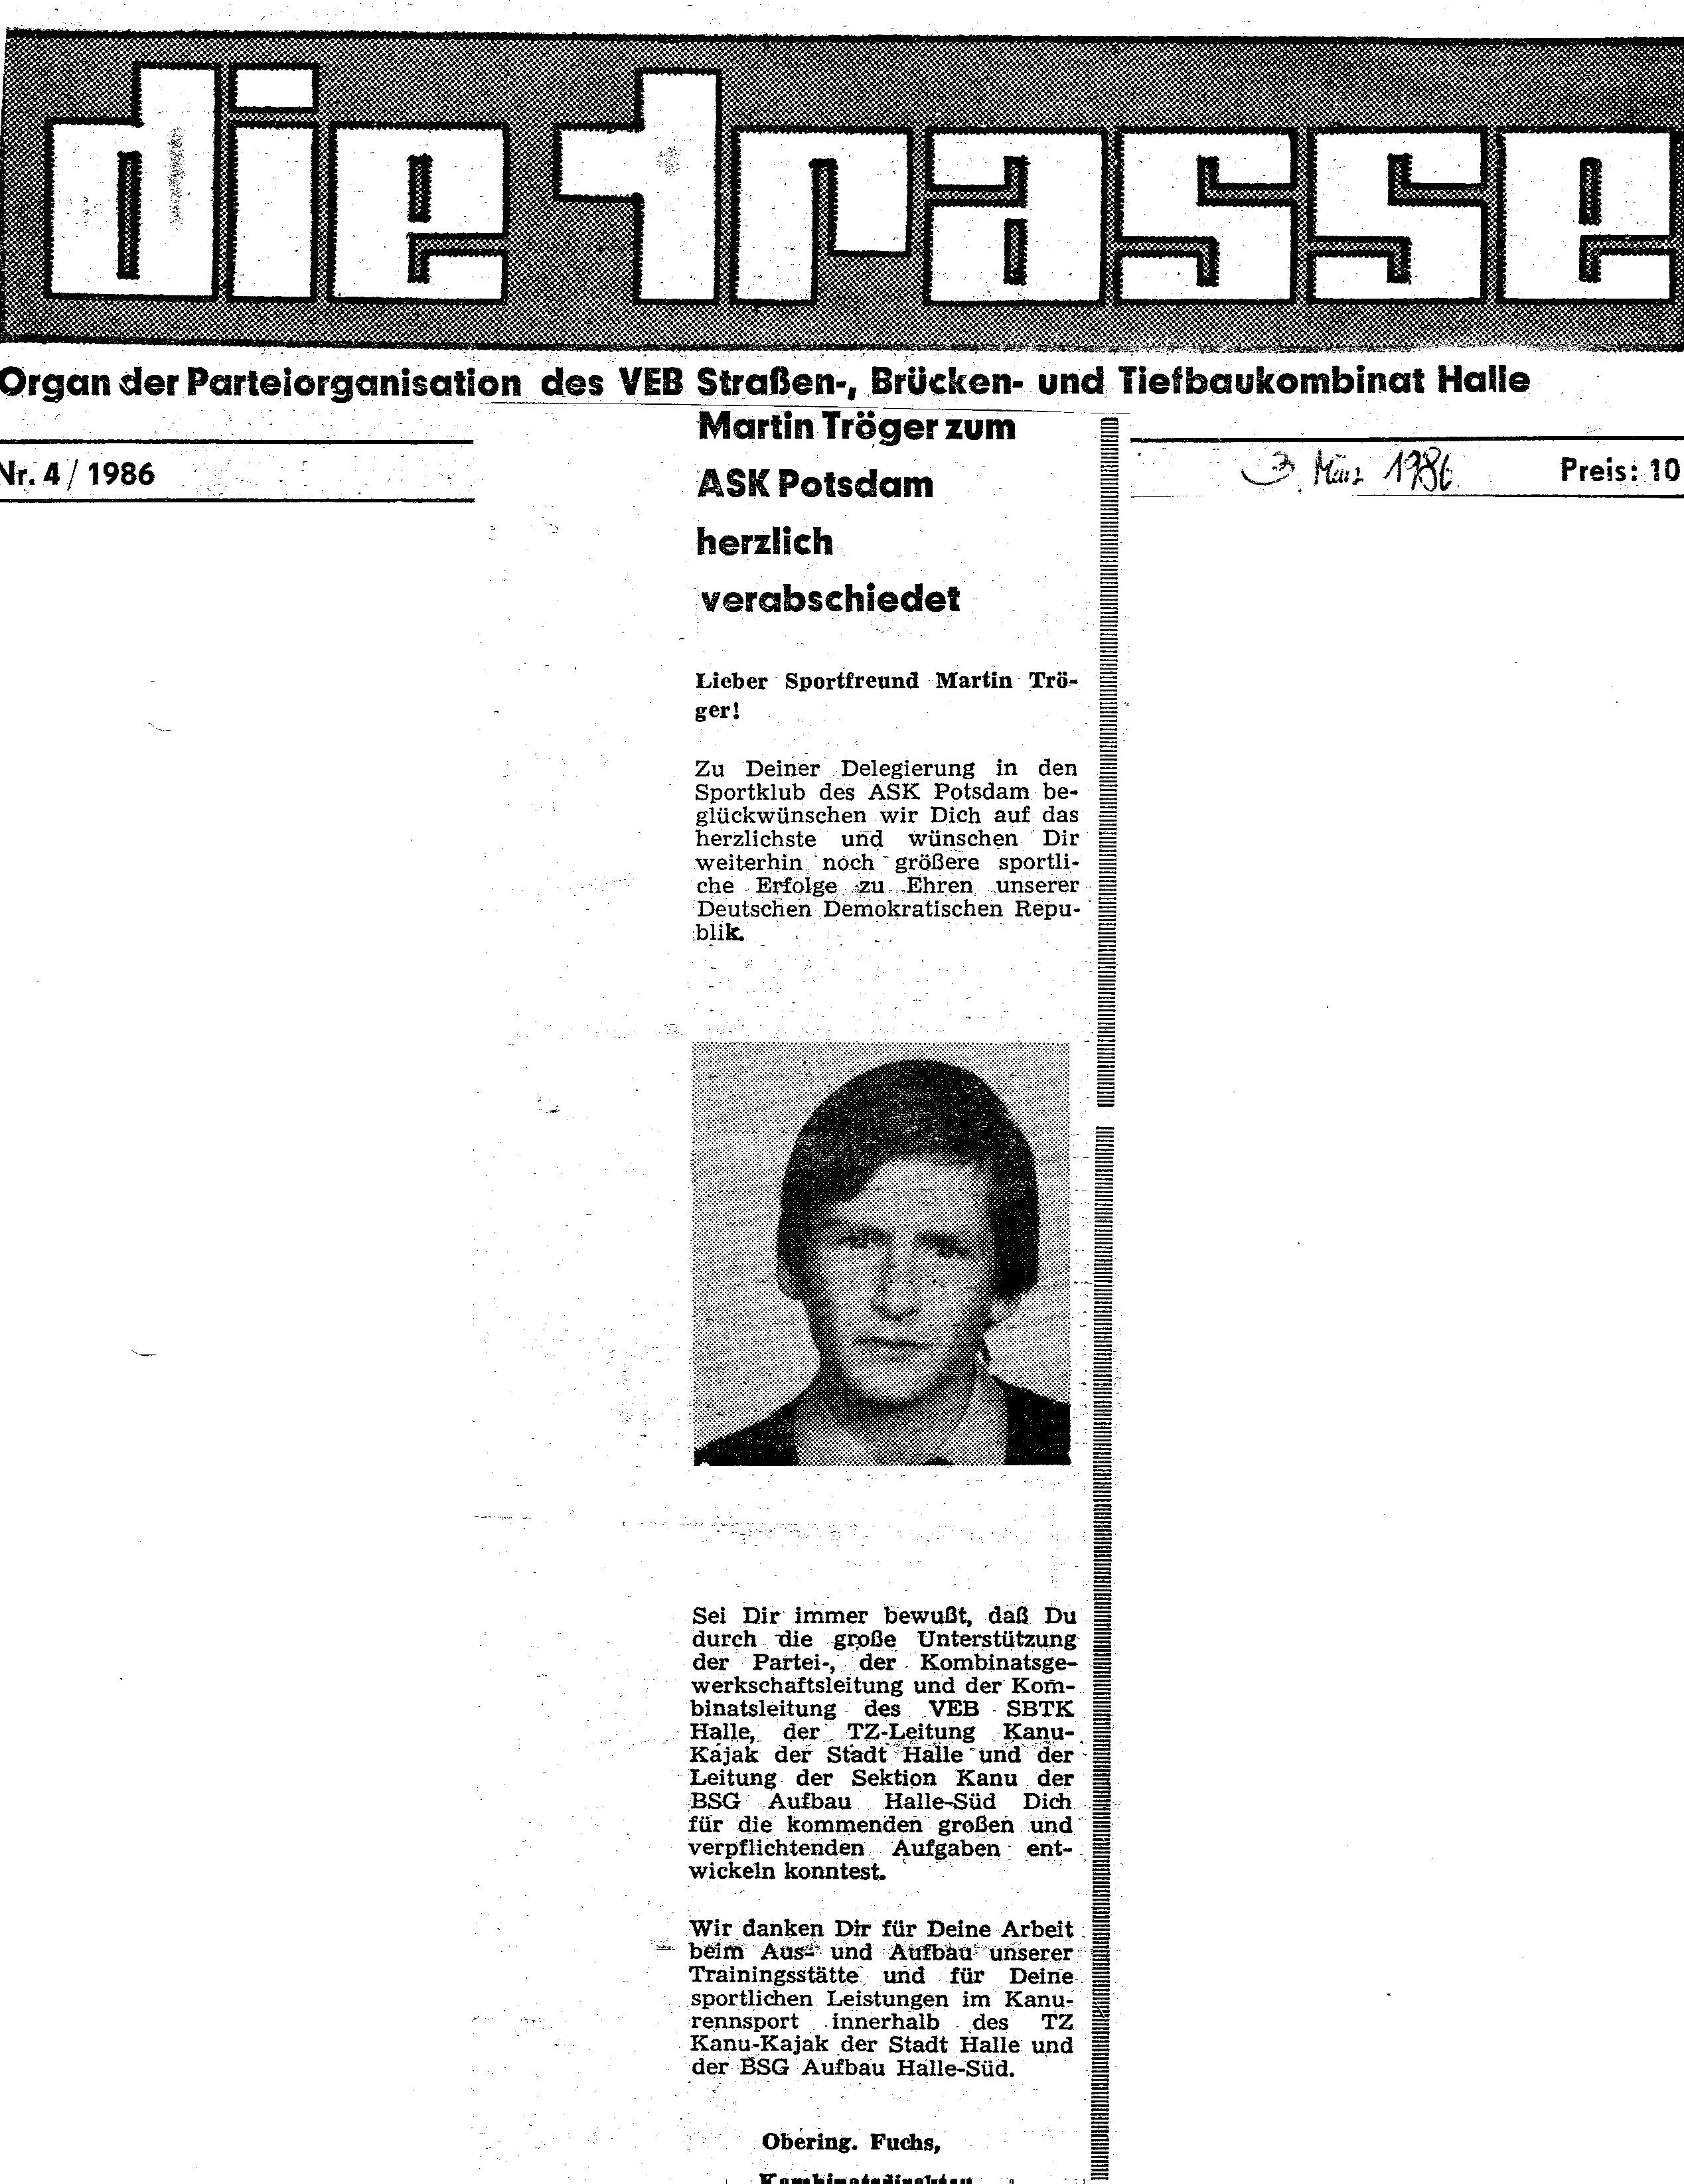 1986-03-03 Trasse Martin Tröger zum ASK Potsdam herzlich verabschiedet